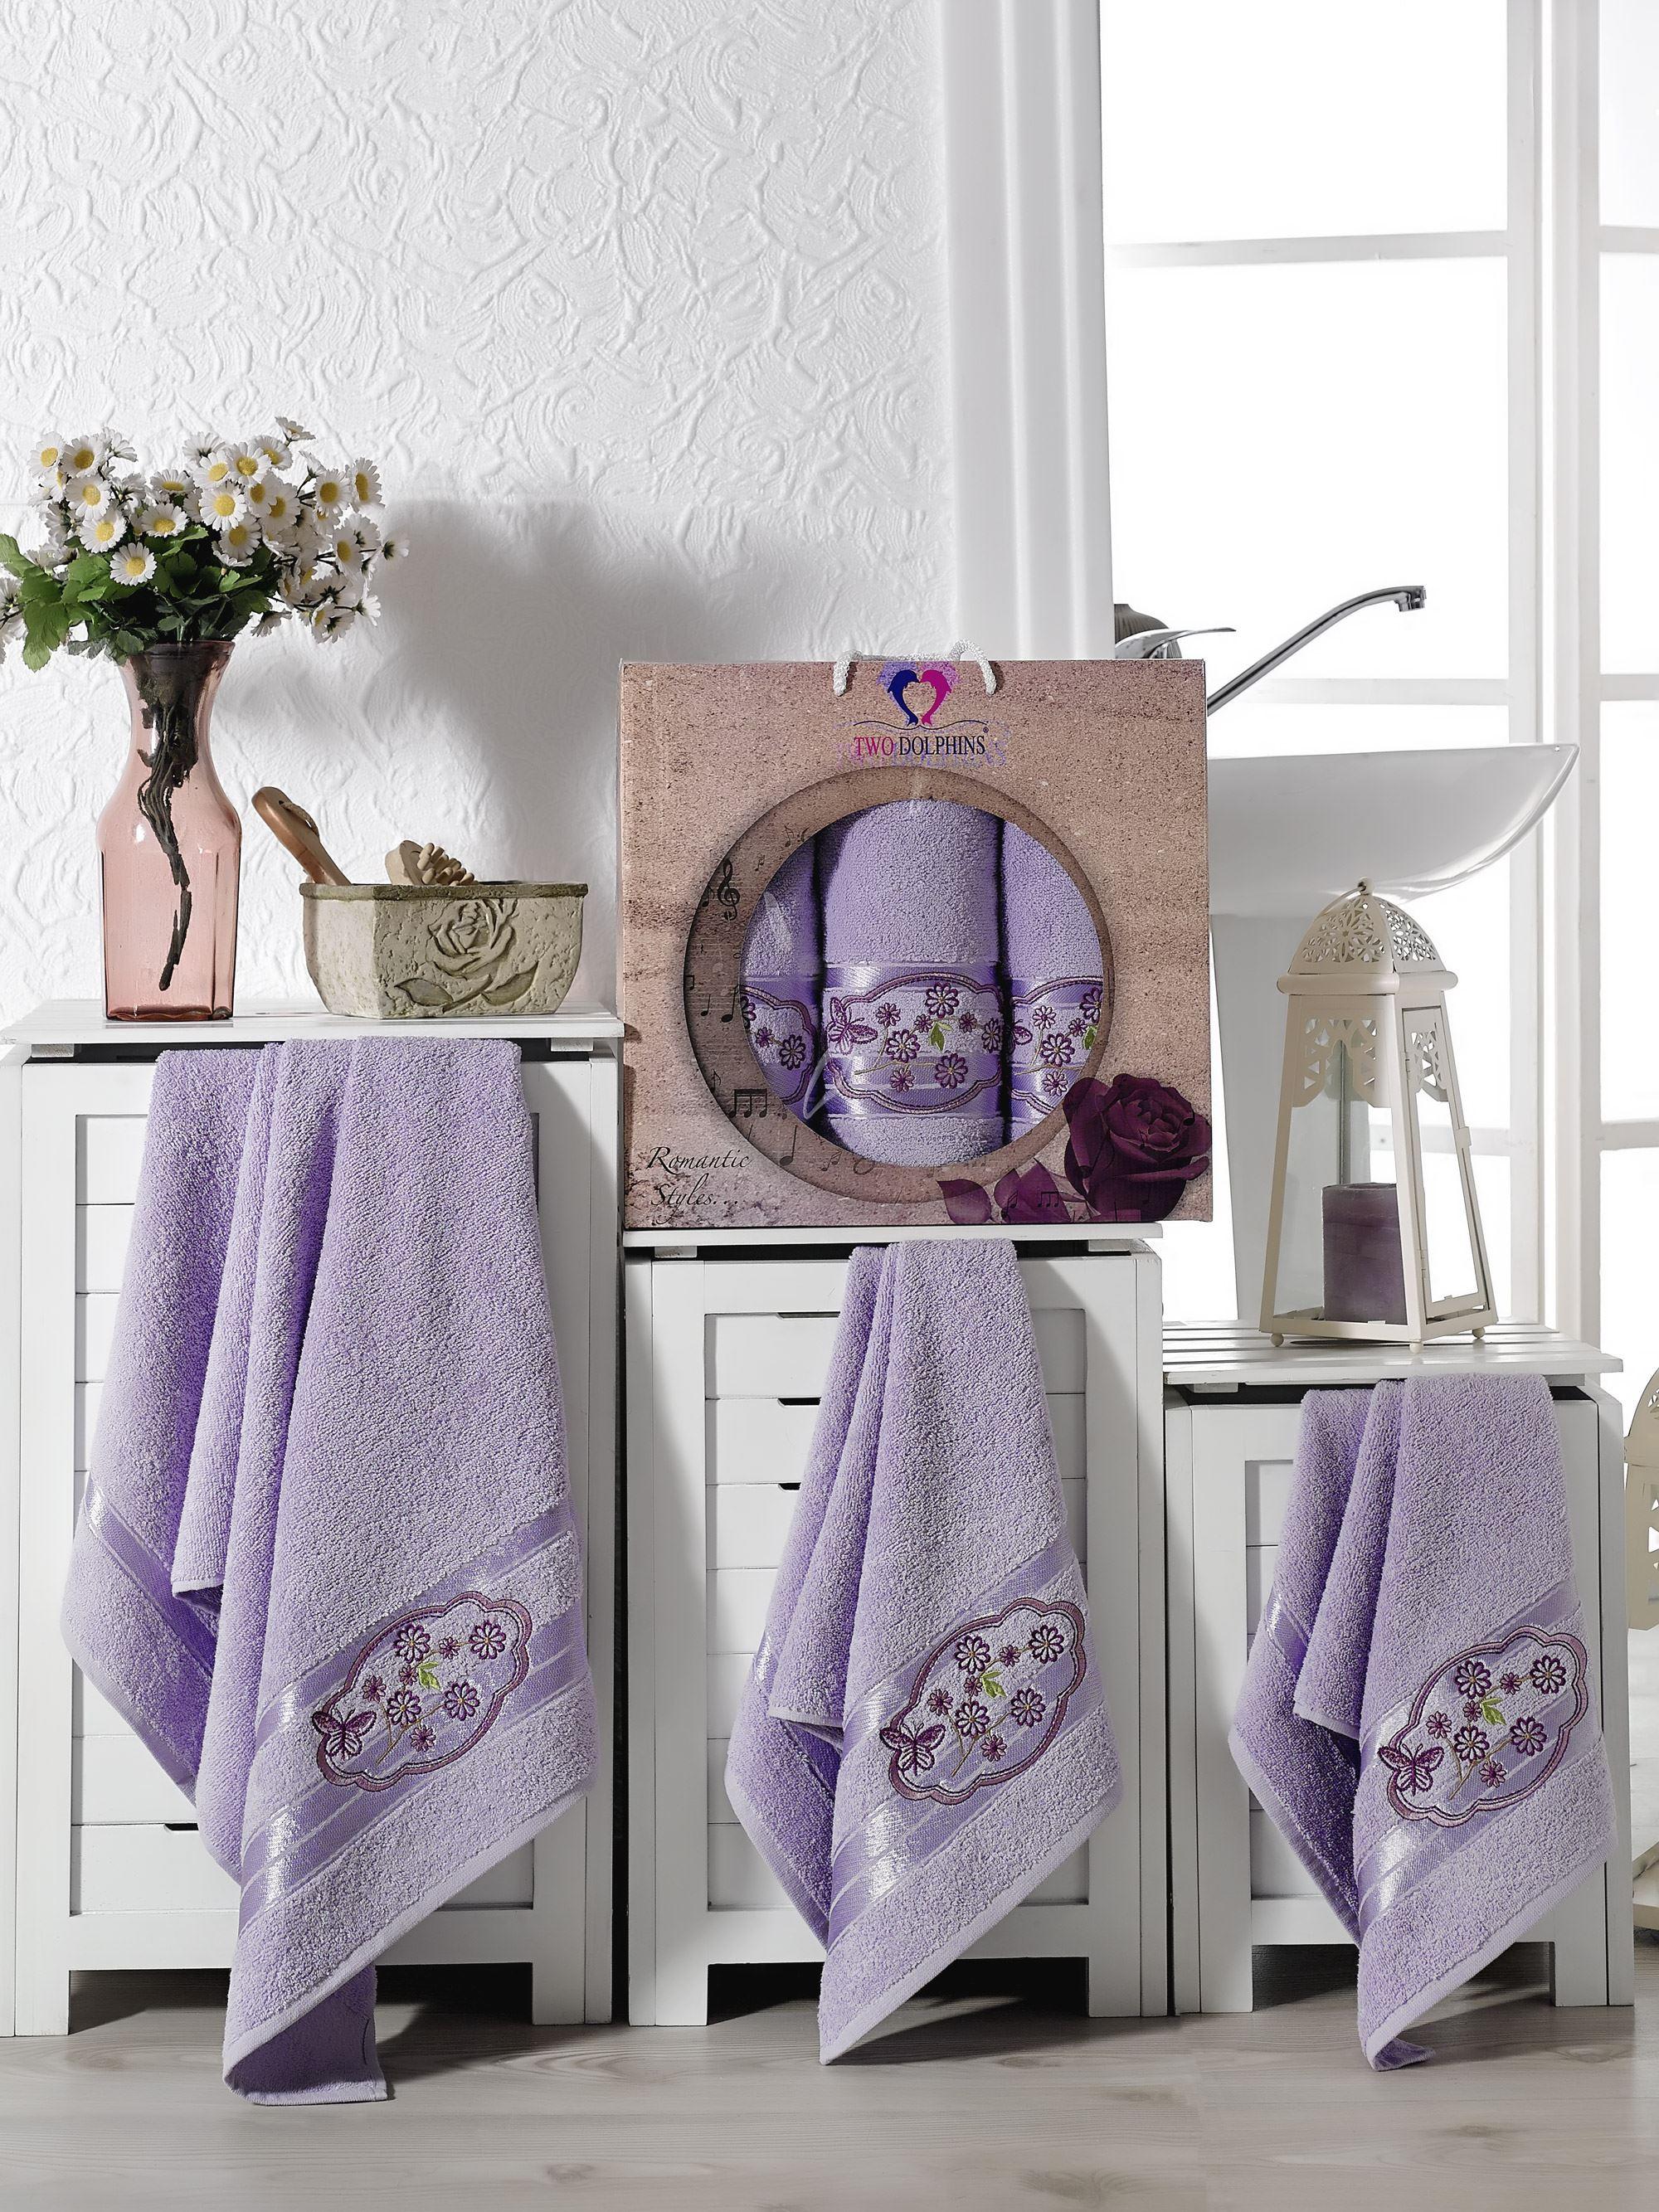 Полотенца Two Dolphins Полотенце Romantic Styles Цвет: Лиловый (50х90 см - 2 шт,70х140 см) набор из 3 полотенец merzuka sakura 50х90 2 70х140 8432 терракотовый